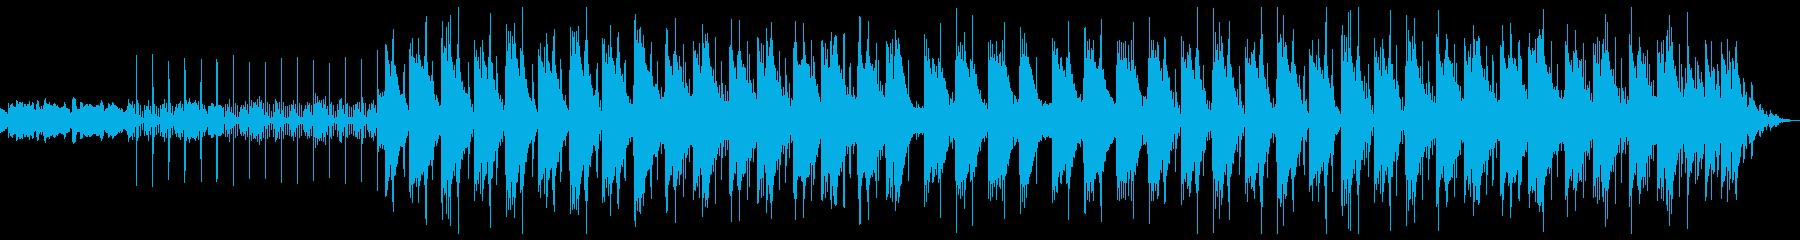 ダーク ホラー Trapの再生済みの波形